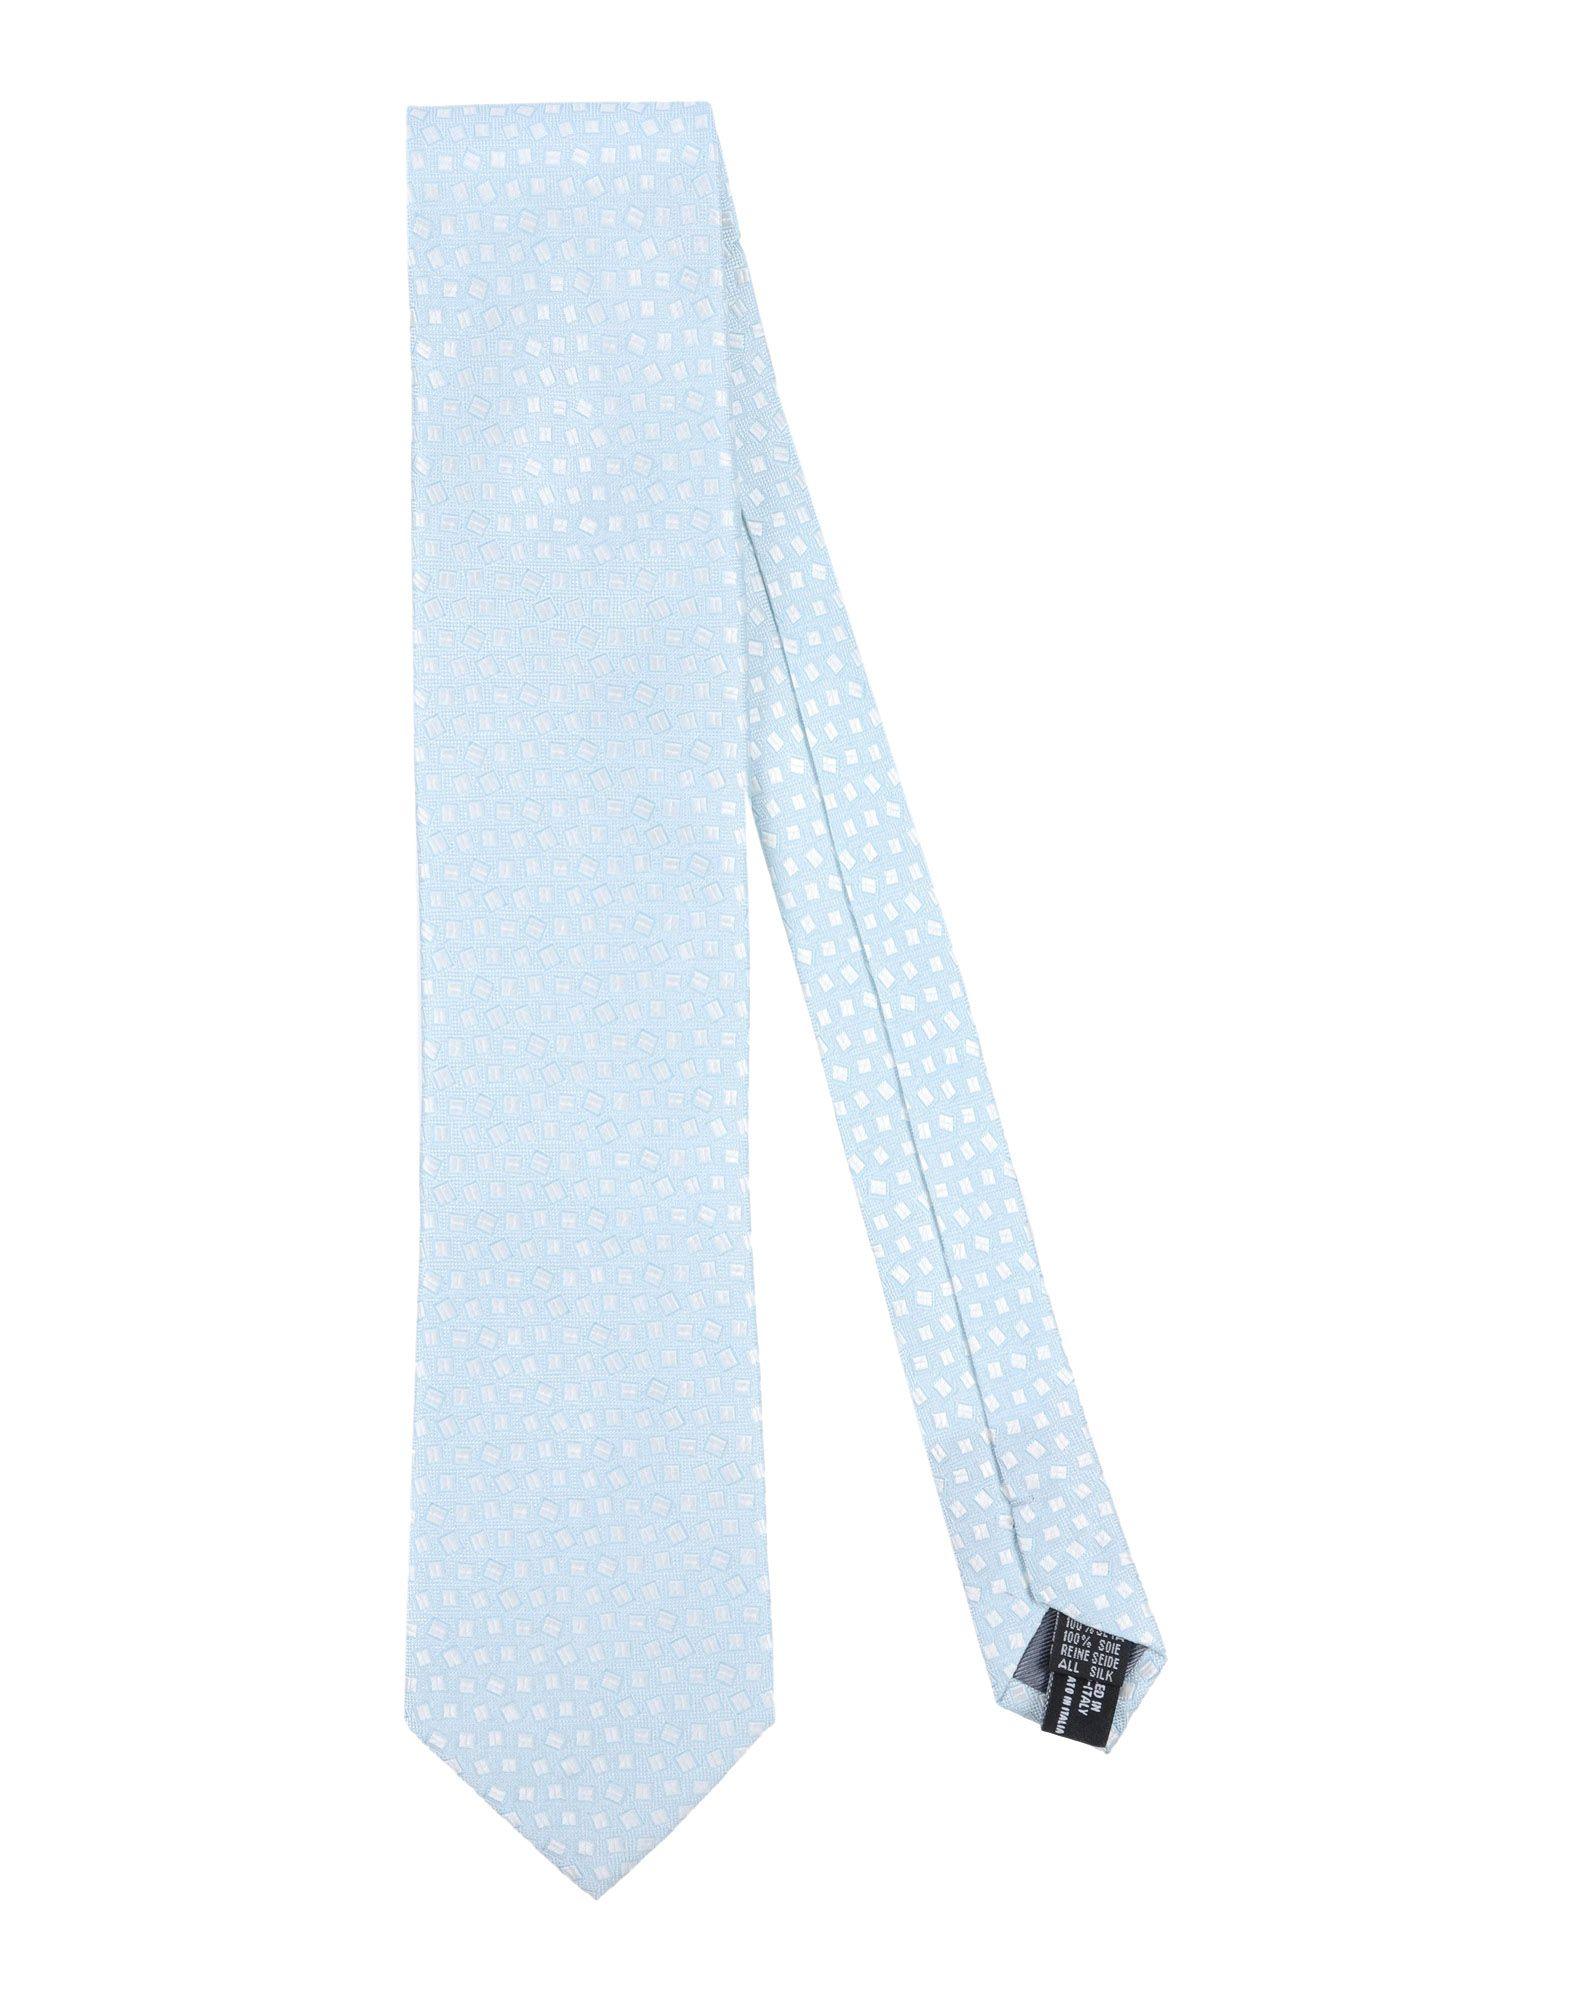 LAURA BIAGIOTTI Галстук laura biagiotti галстук в ярких тонах с волнами laura biagiotti 829642